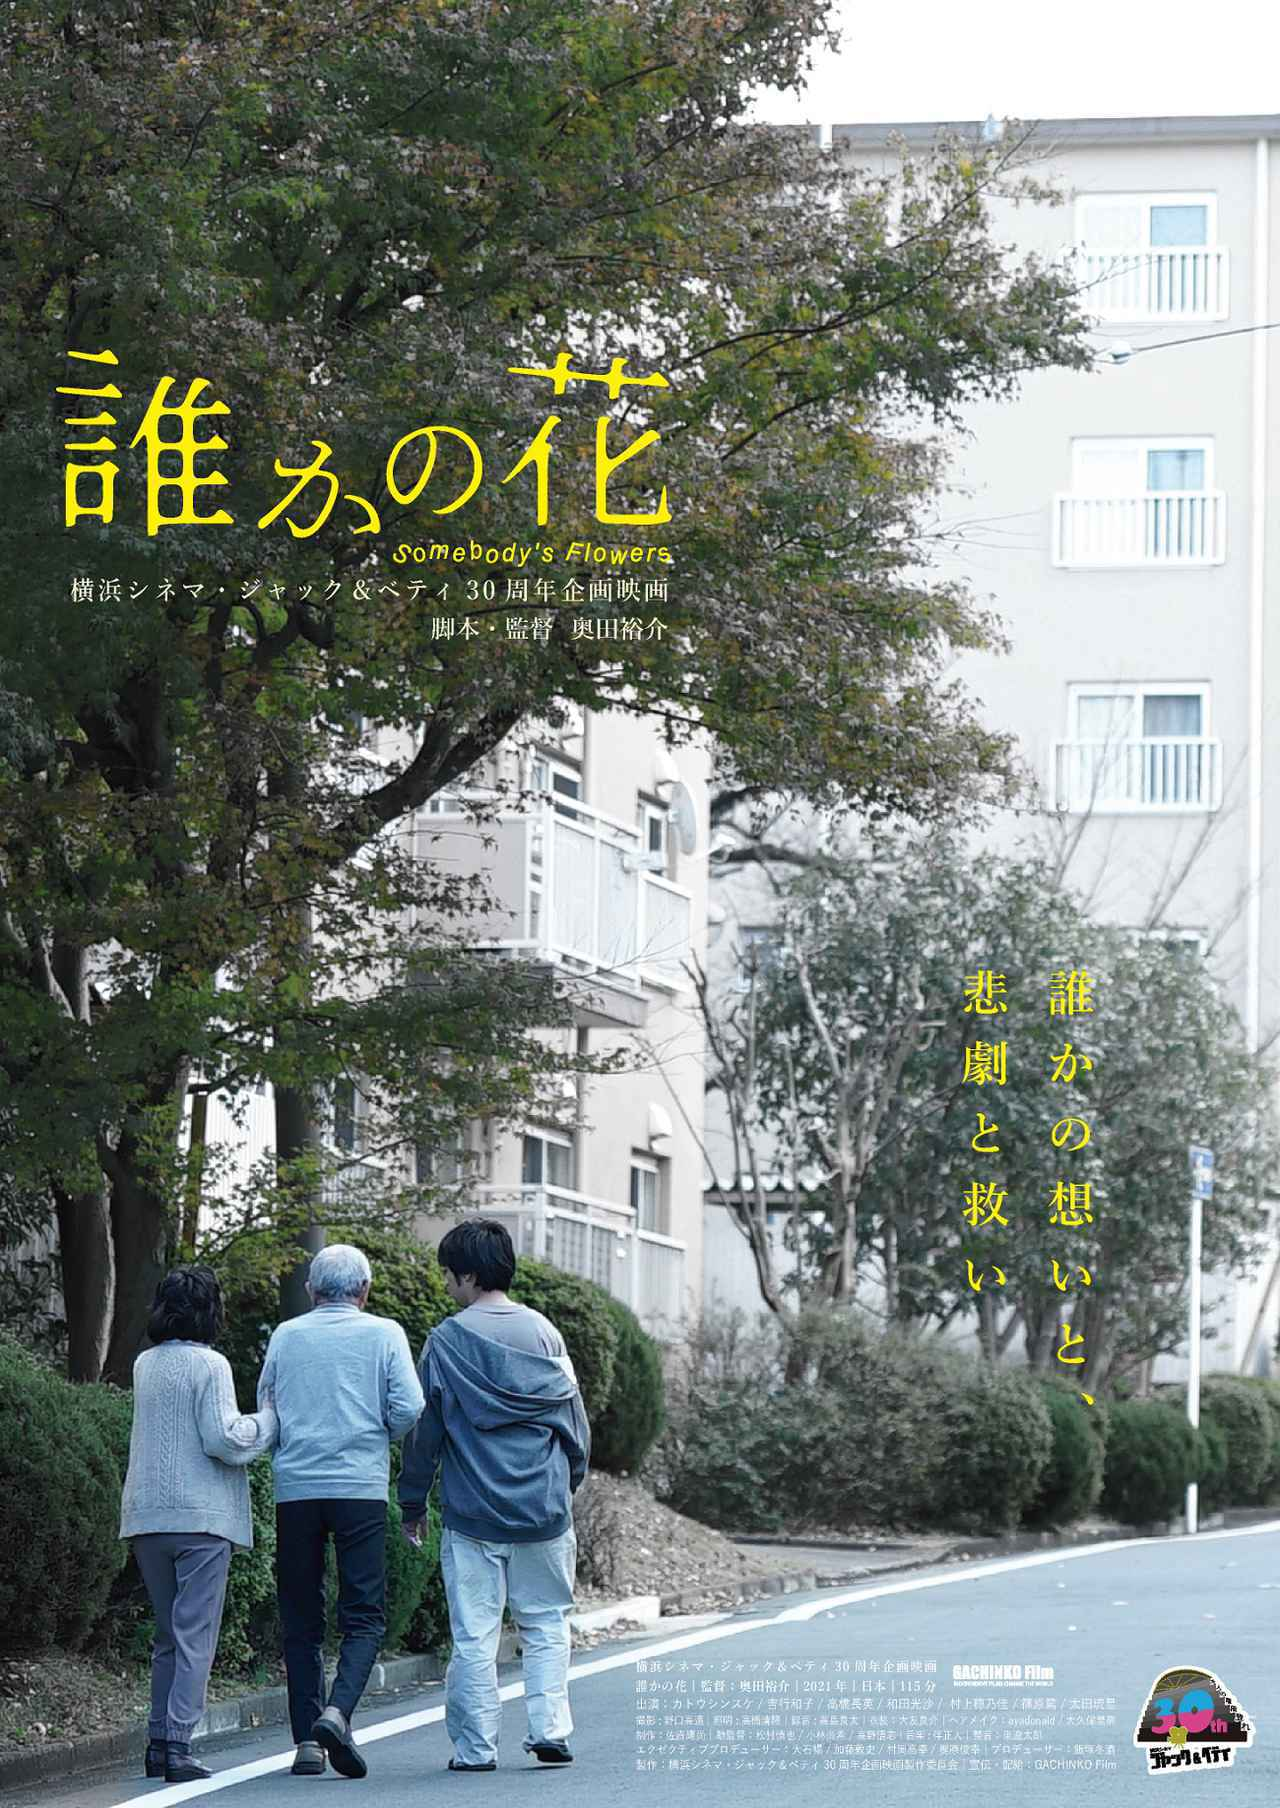 画像1: ©︎横浜シネマ・ジャック&ベティ 30 周年企画映画製作委員会